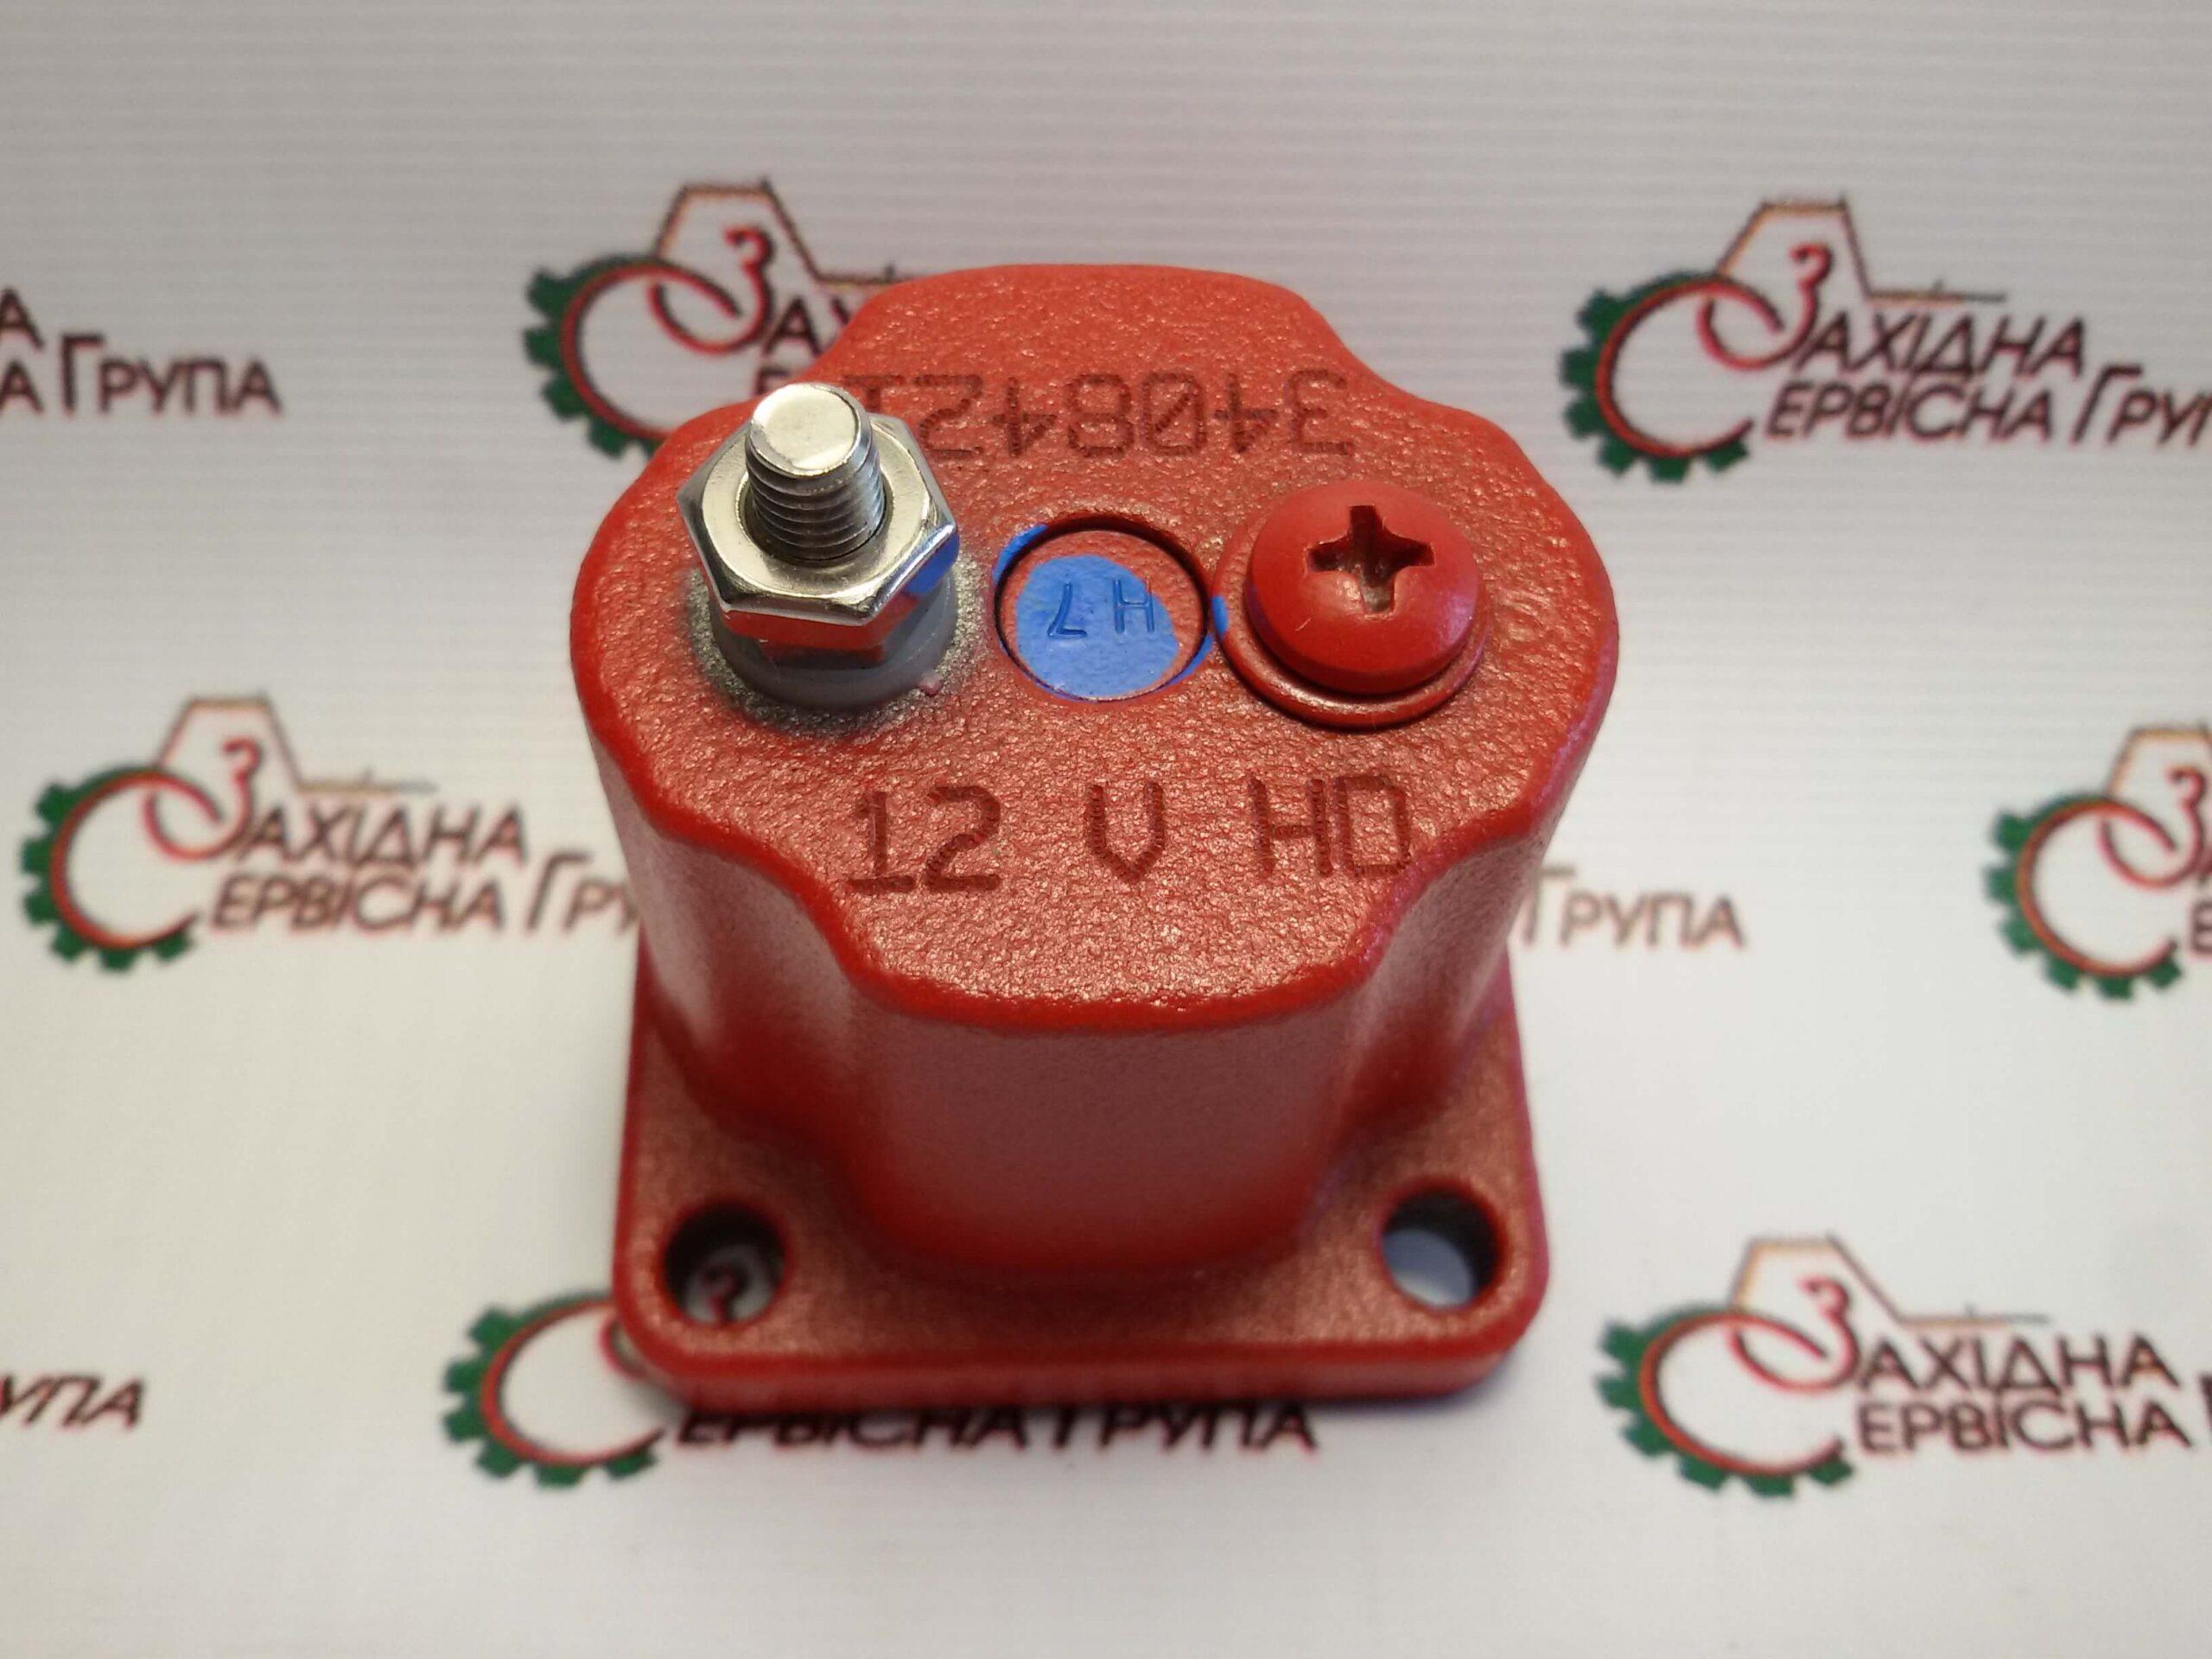 Соленоїд відсікання палива 12V Cummins ISX15, QSX15, 4024808, 3408421, 3054608, 209940.